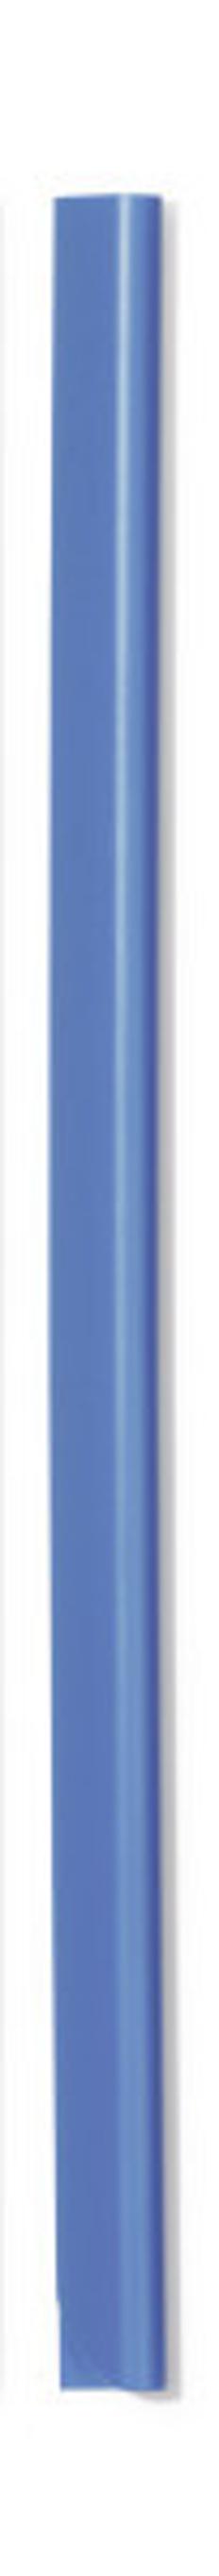 Скрепкошина для документов А4, 3 мм, голубая фото